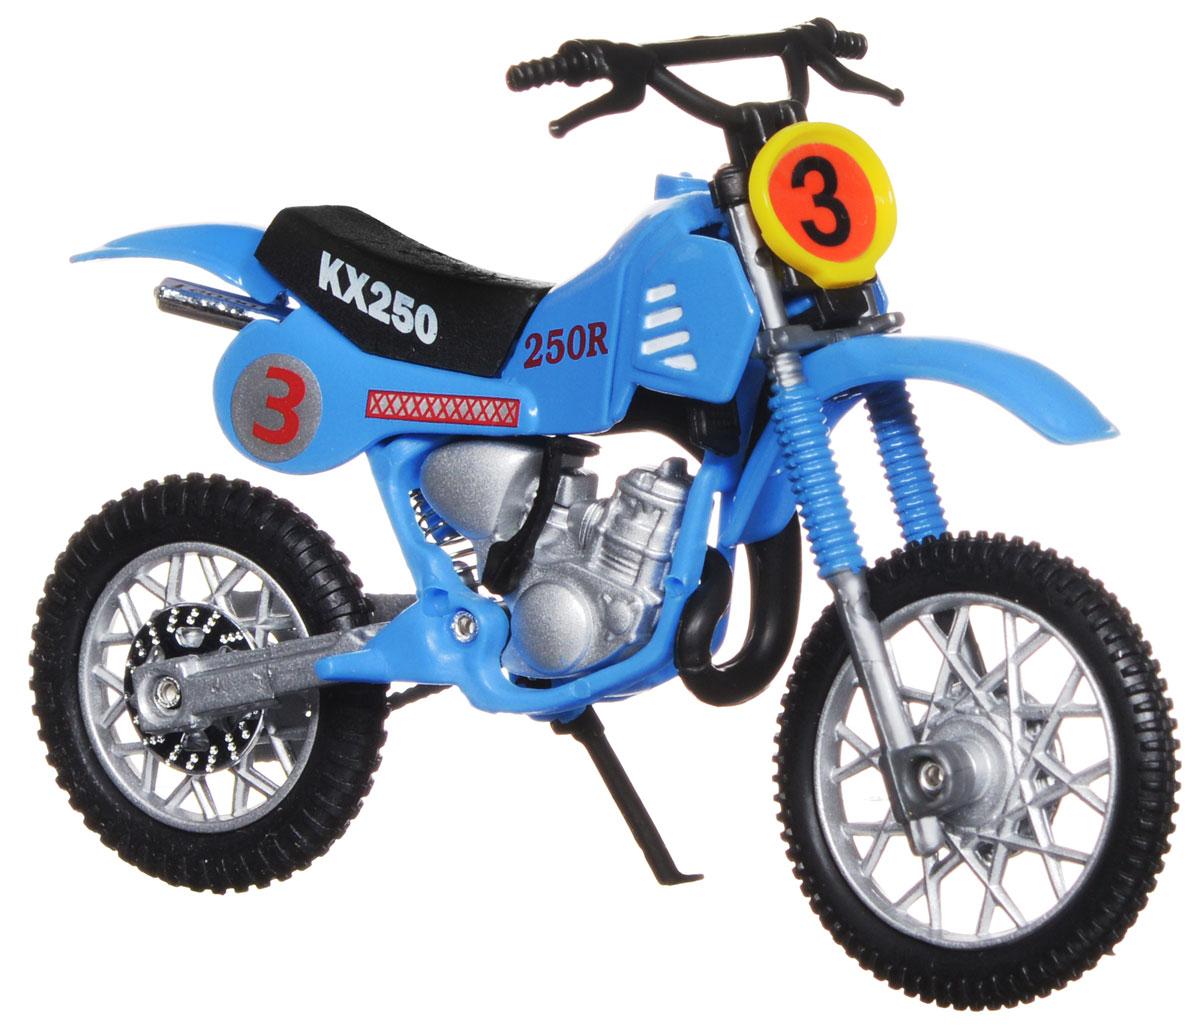 """Кроссовый мотоцикл Dickie Toys """"№3"""" непременно понравится любому маленькому гонщику. Мотоцикл выполнен из прочного безопасного пластика, его колесики прорезинены для лучшего сцепления с поверхностью пола. Мотоцикл оснащен откидывающейся боковой ножкой и оформлен красочными стикерами. Яркий, реалистичный мотоцикл, выполненный с вниманием к деталям, станет отличным дополнением к автопарку вашего малыша! Ваш ребенок часами будет играть с такой игрушкой, придумывая различные истории и устраивая соревнования. Порадуйте его таким замечательным подарком!"""